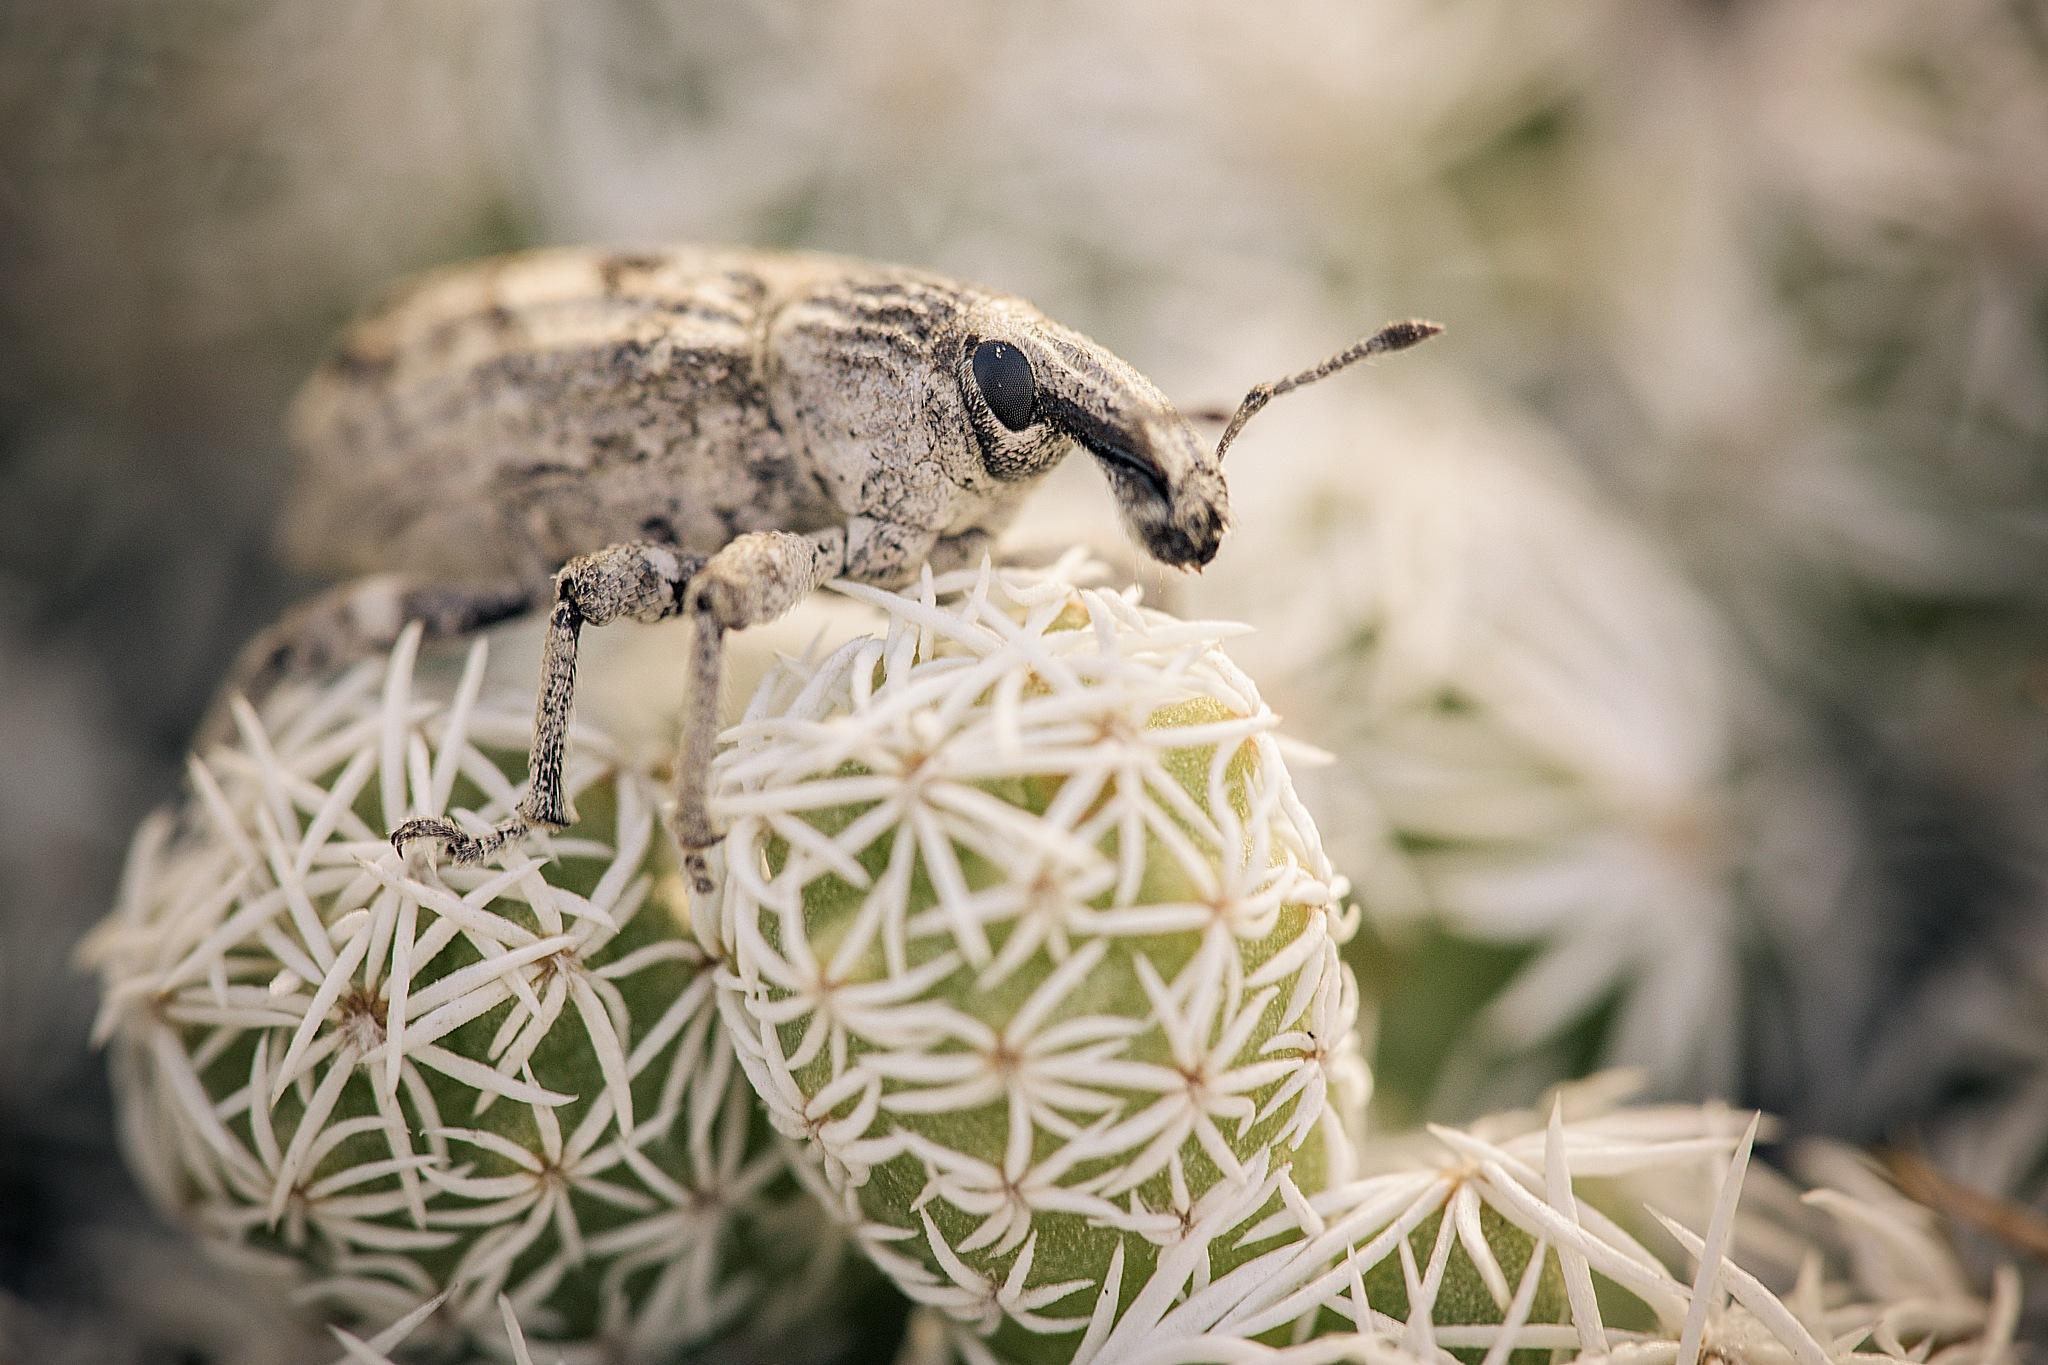 Weevil by Ignacio Leal Orozco